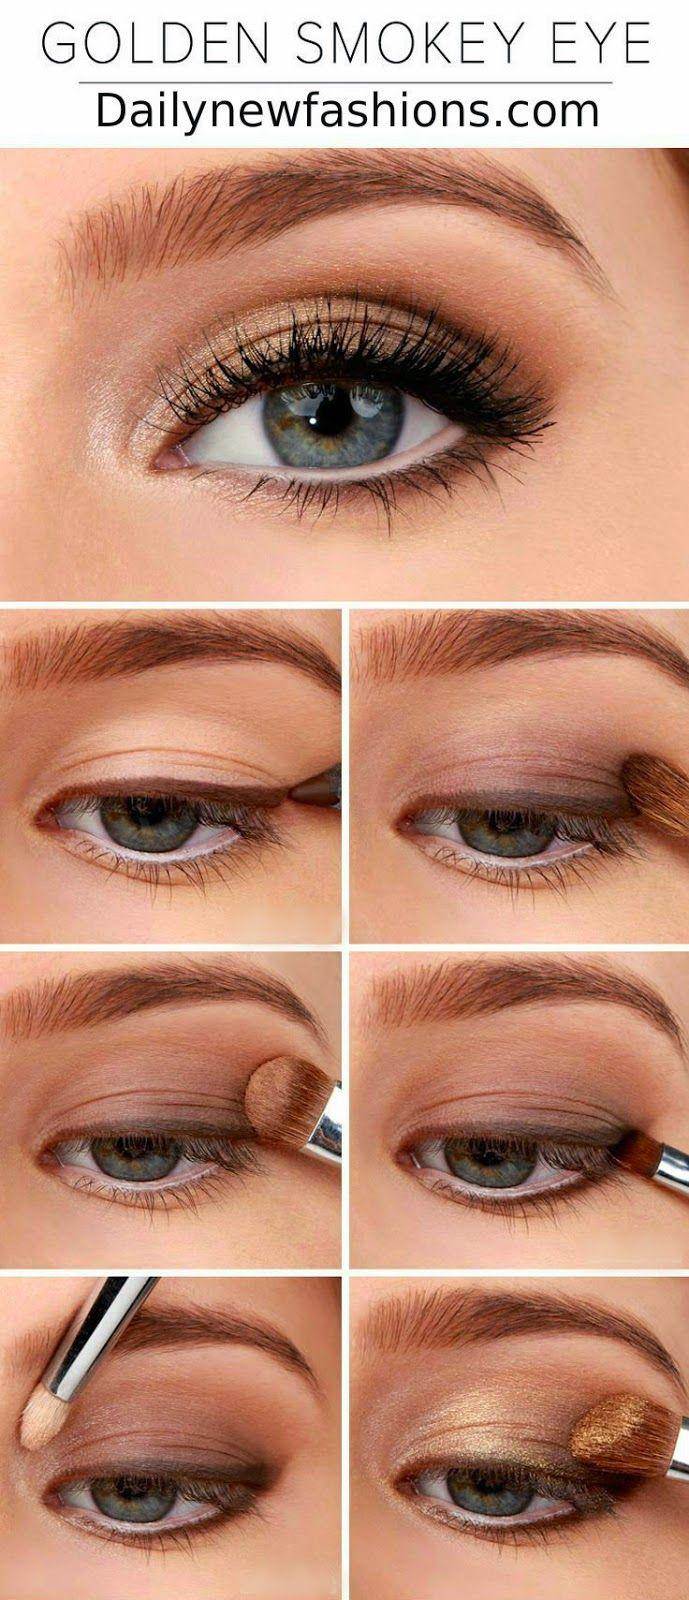 Golden Smokey Eye Tutorial